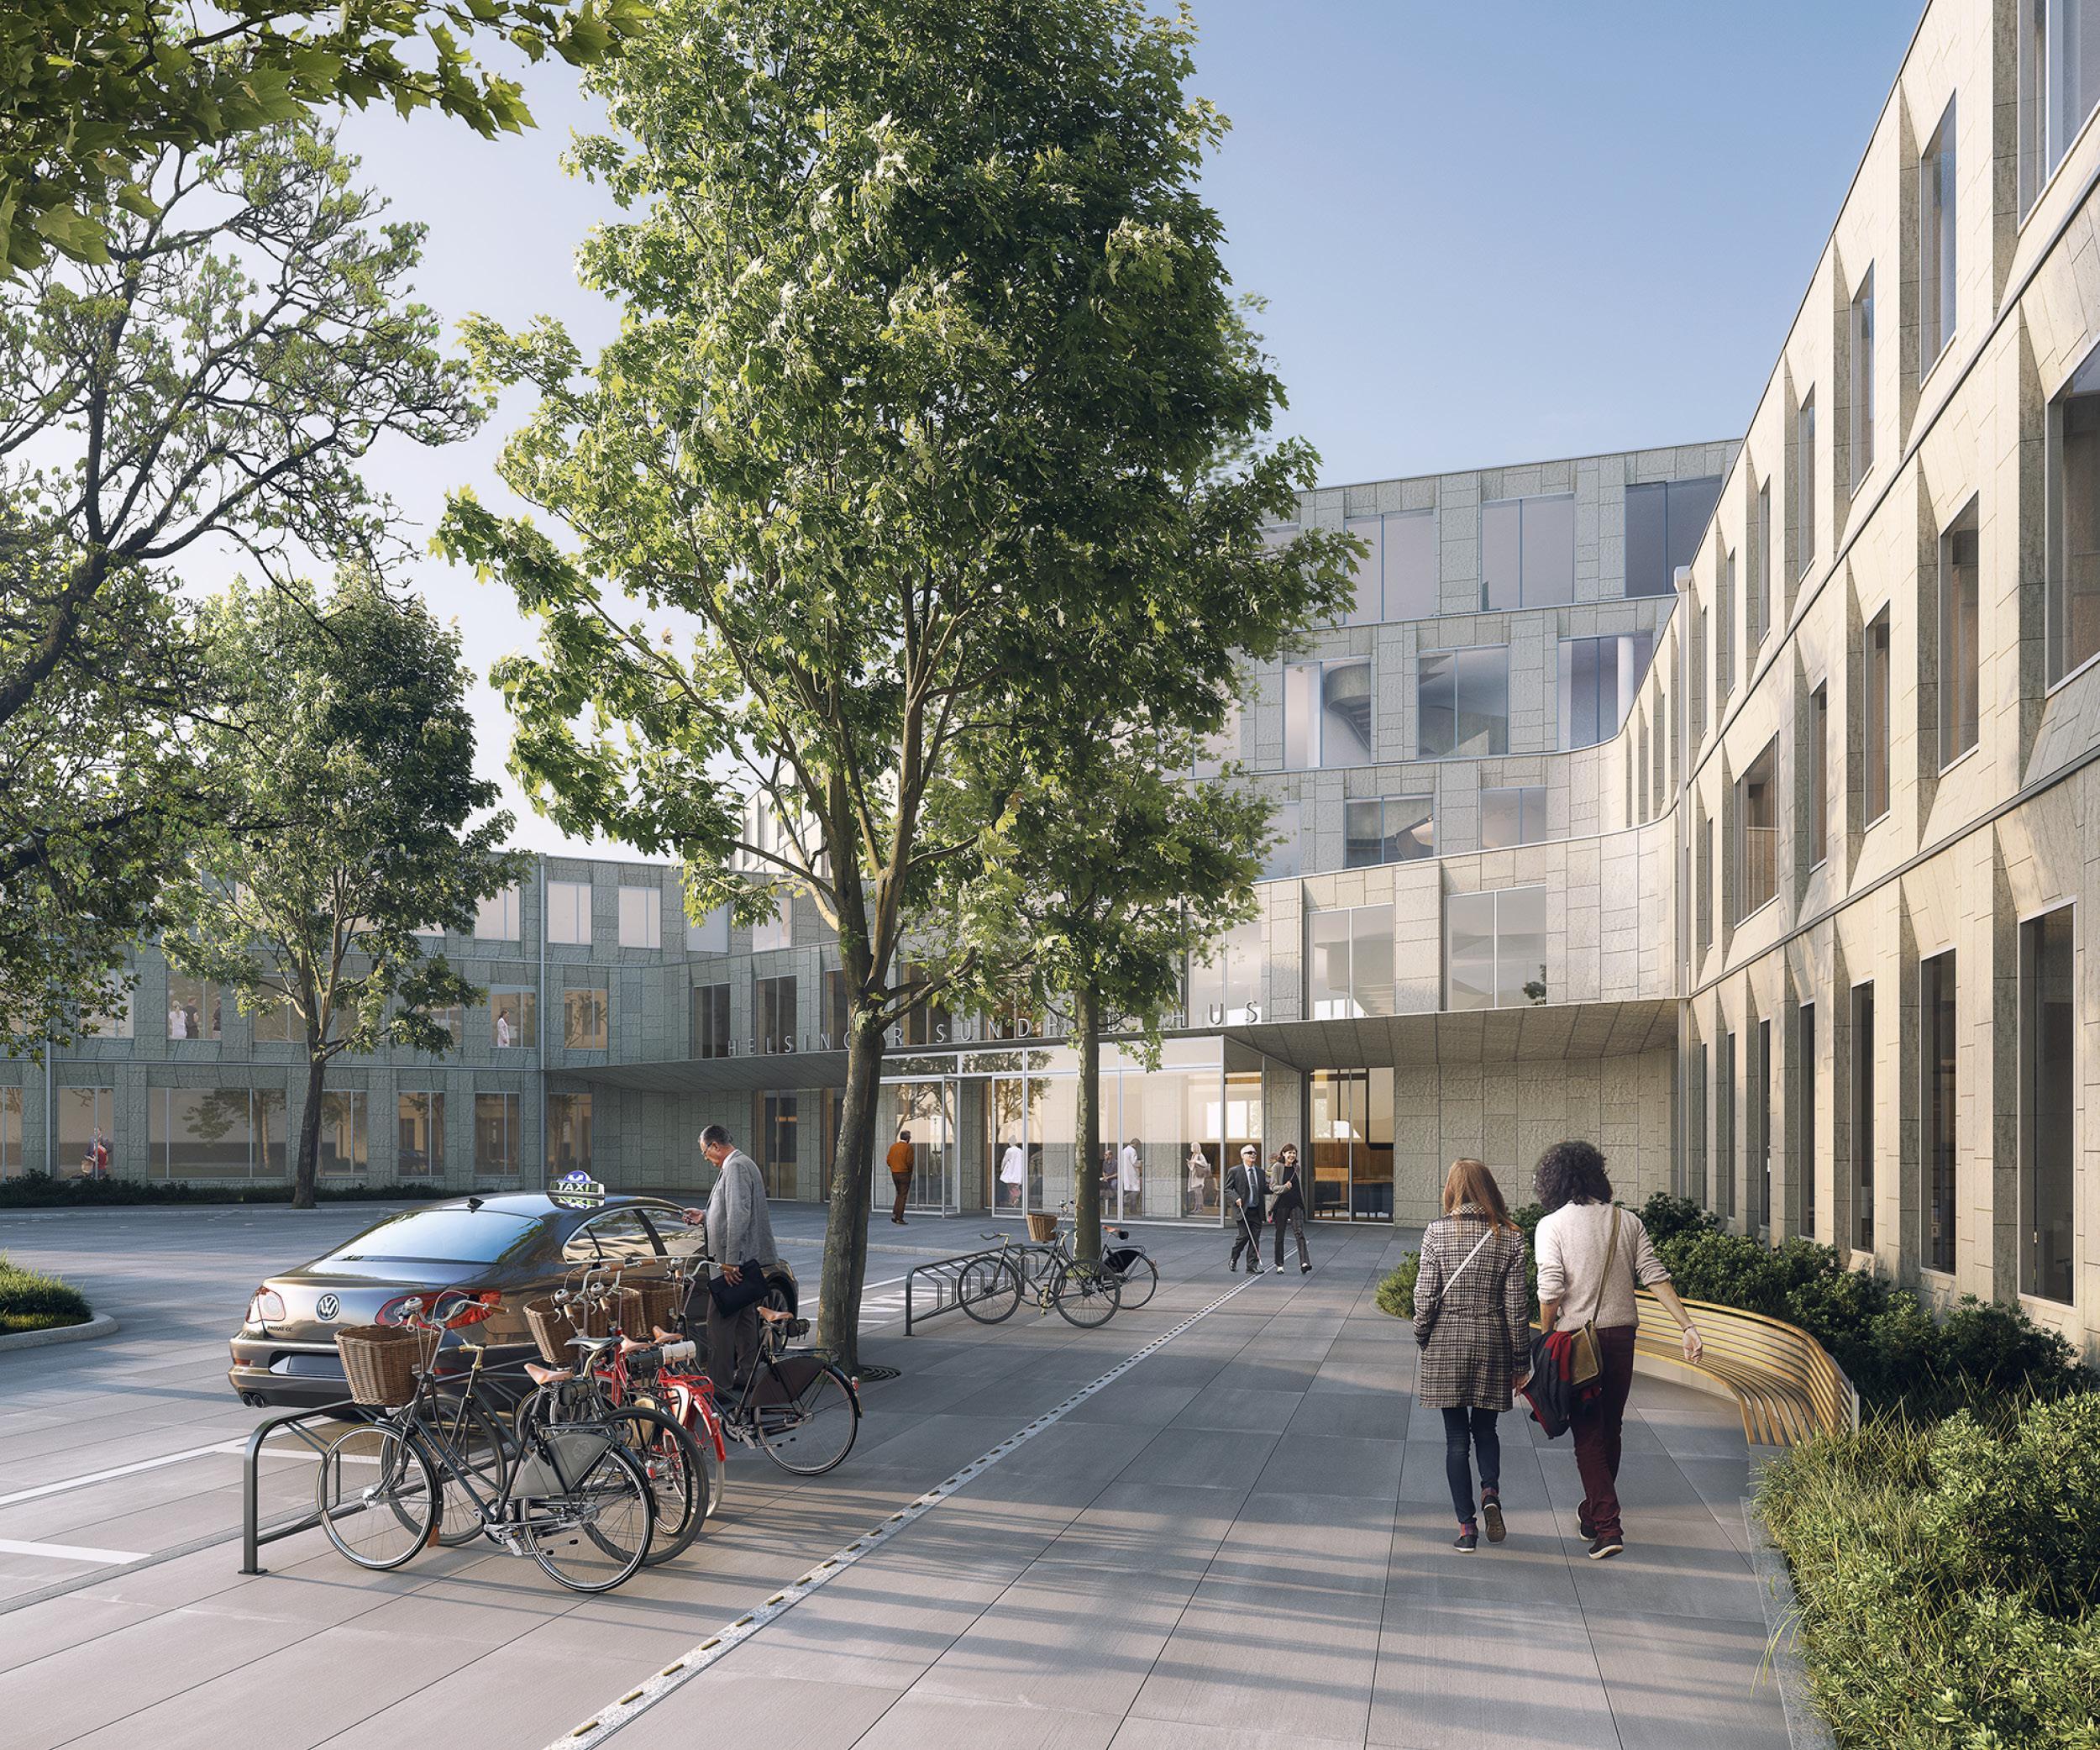 Sundhedshus Helsingør3